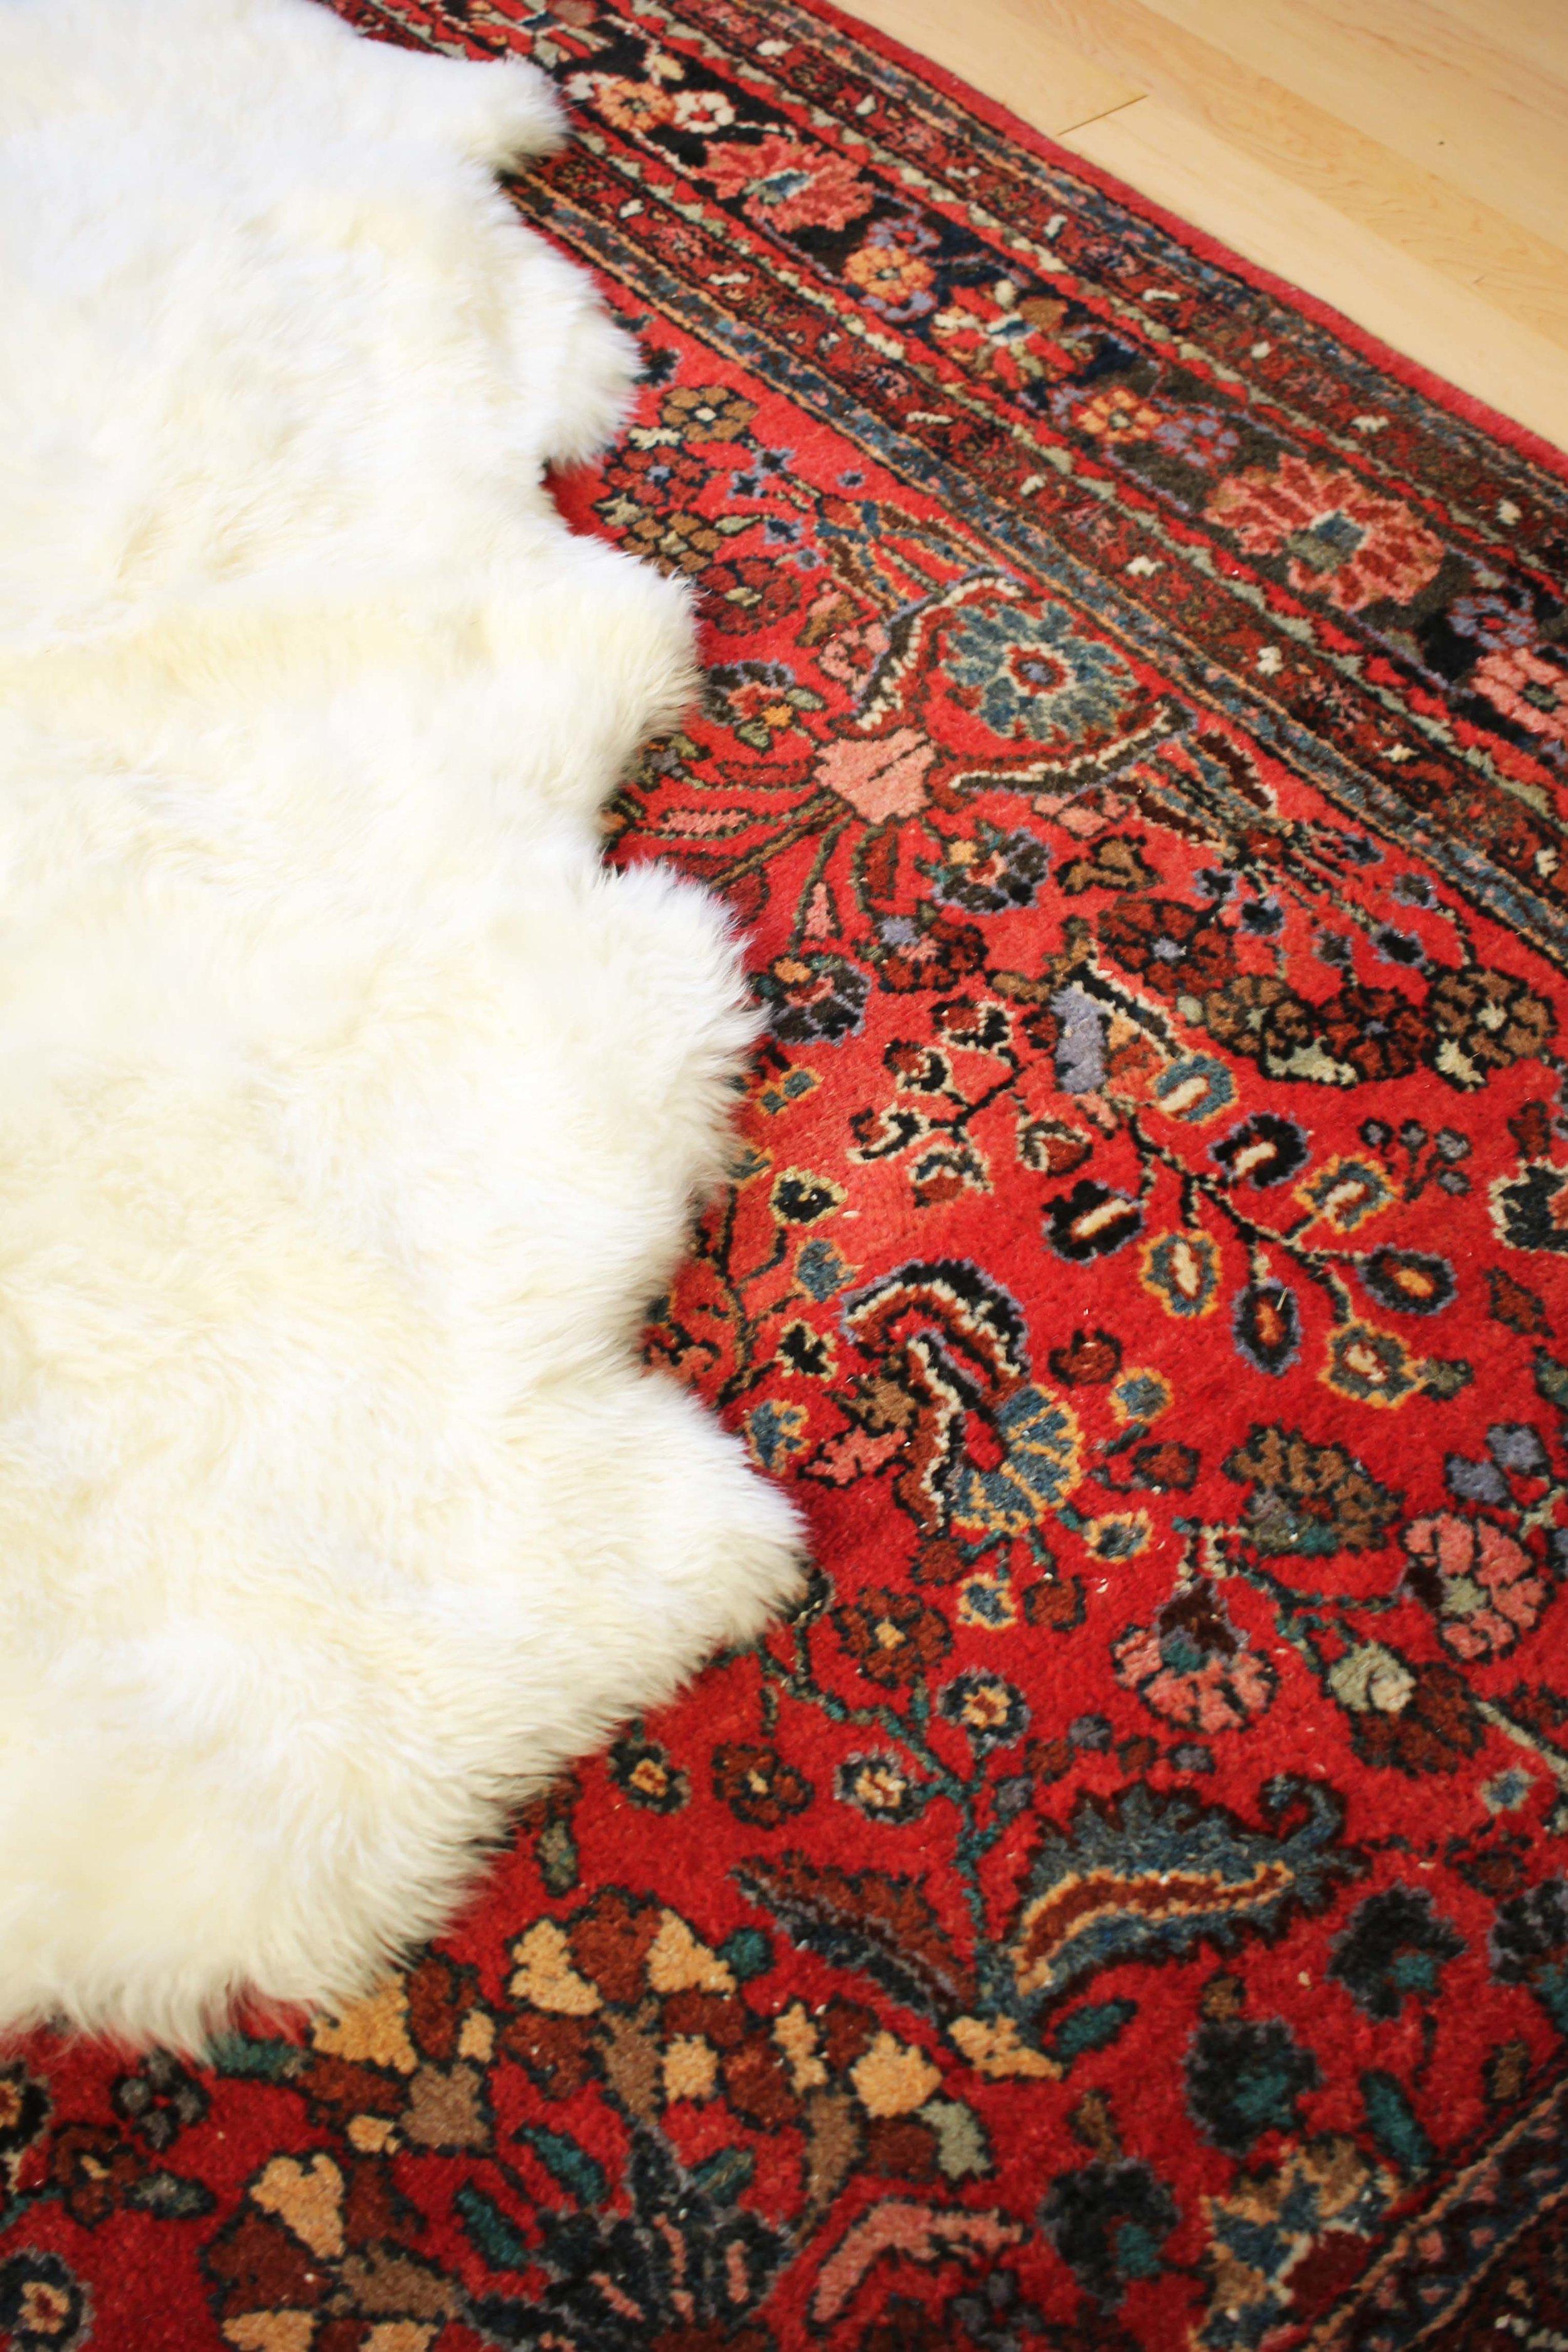 A little peek at Karen's New Oriental Rug